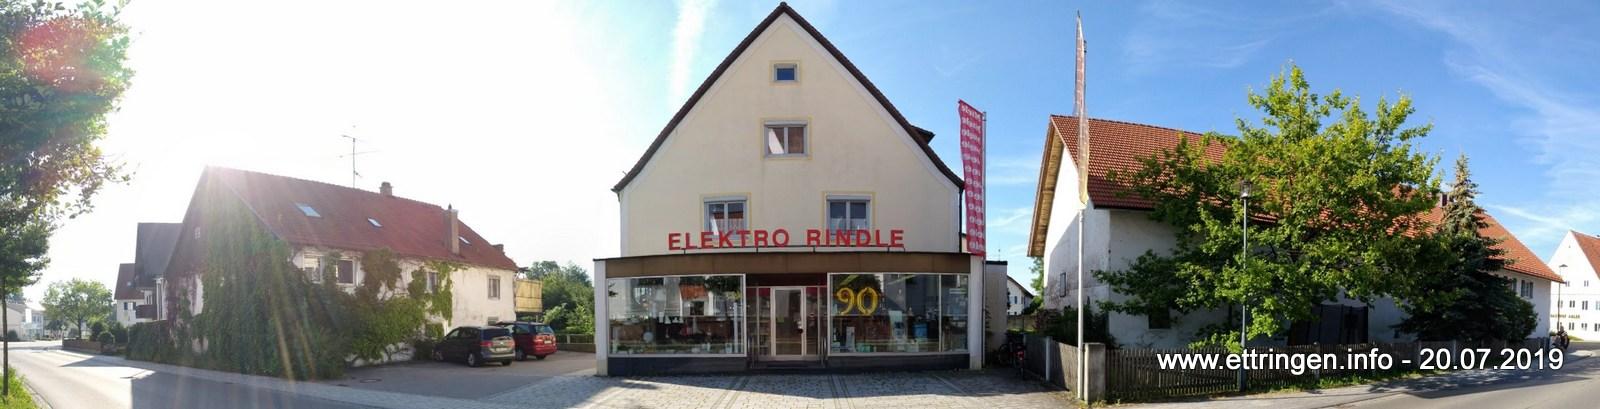 90 Jahre Elektro Rindle